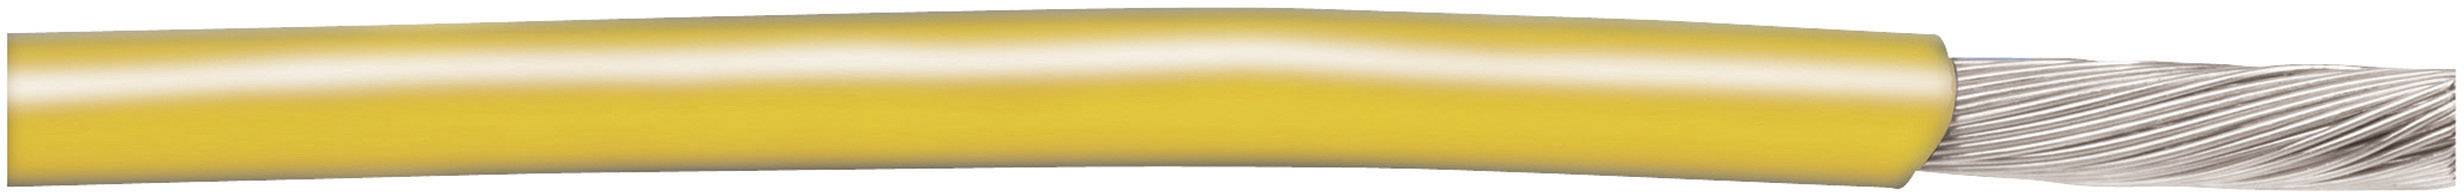 Opletenie / lanko AlphaWire 3057 GY001 1 x 1.31 mm², vonkajší Ø 2.33 mm, metrový tovar, zelenožltá